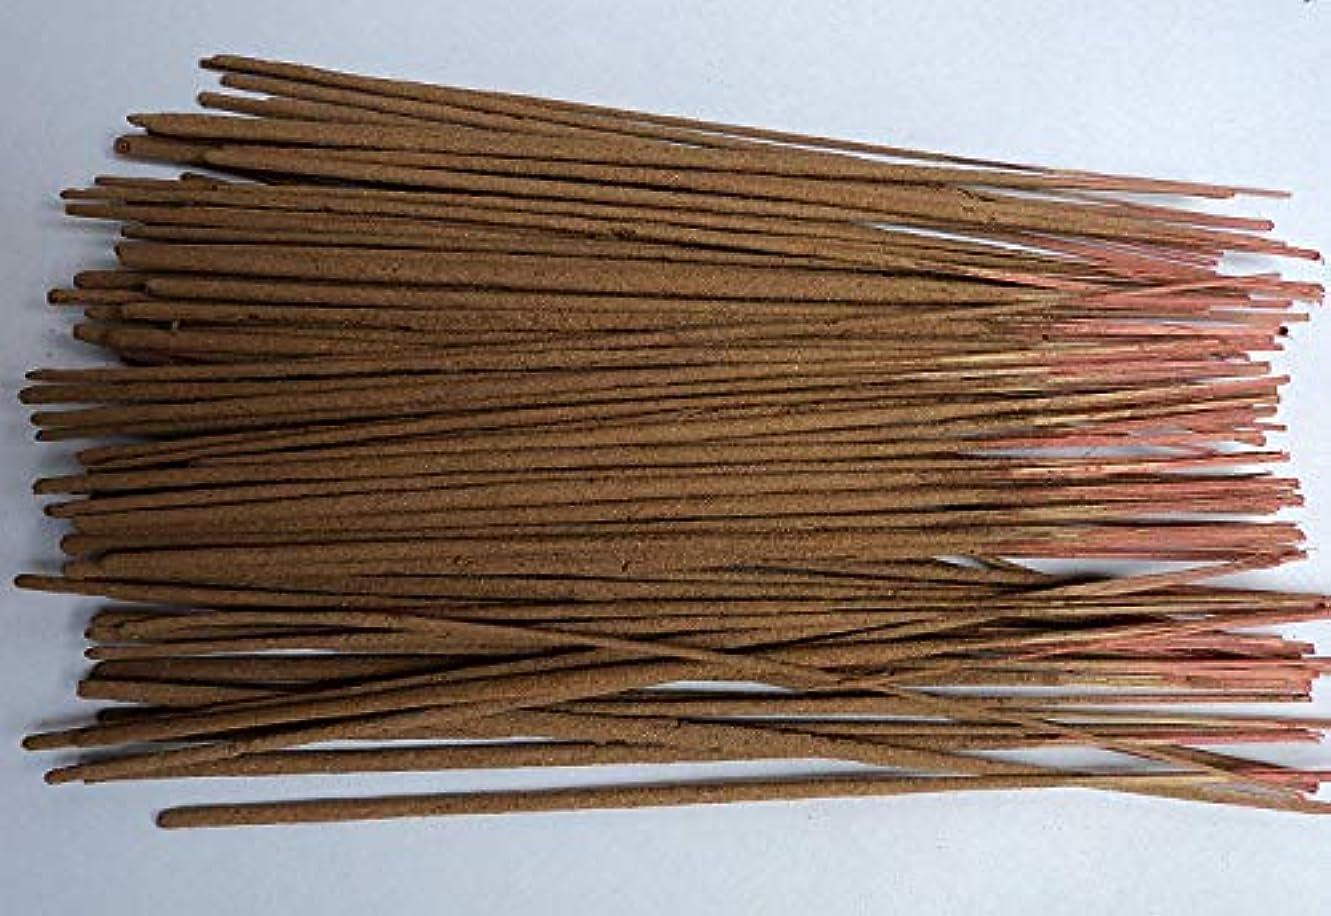 君主いちゃつく勉強するPure Source India Highly Scented Vanilla Agarbatti Pack of 100 Pcs Coming with One Wooden Incense Holder .(Vanilla...